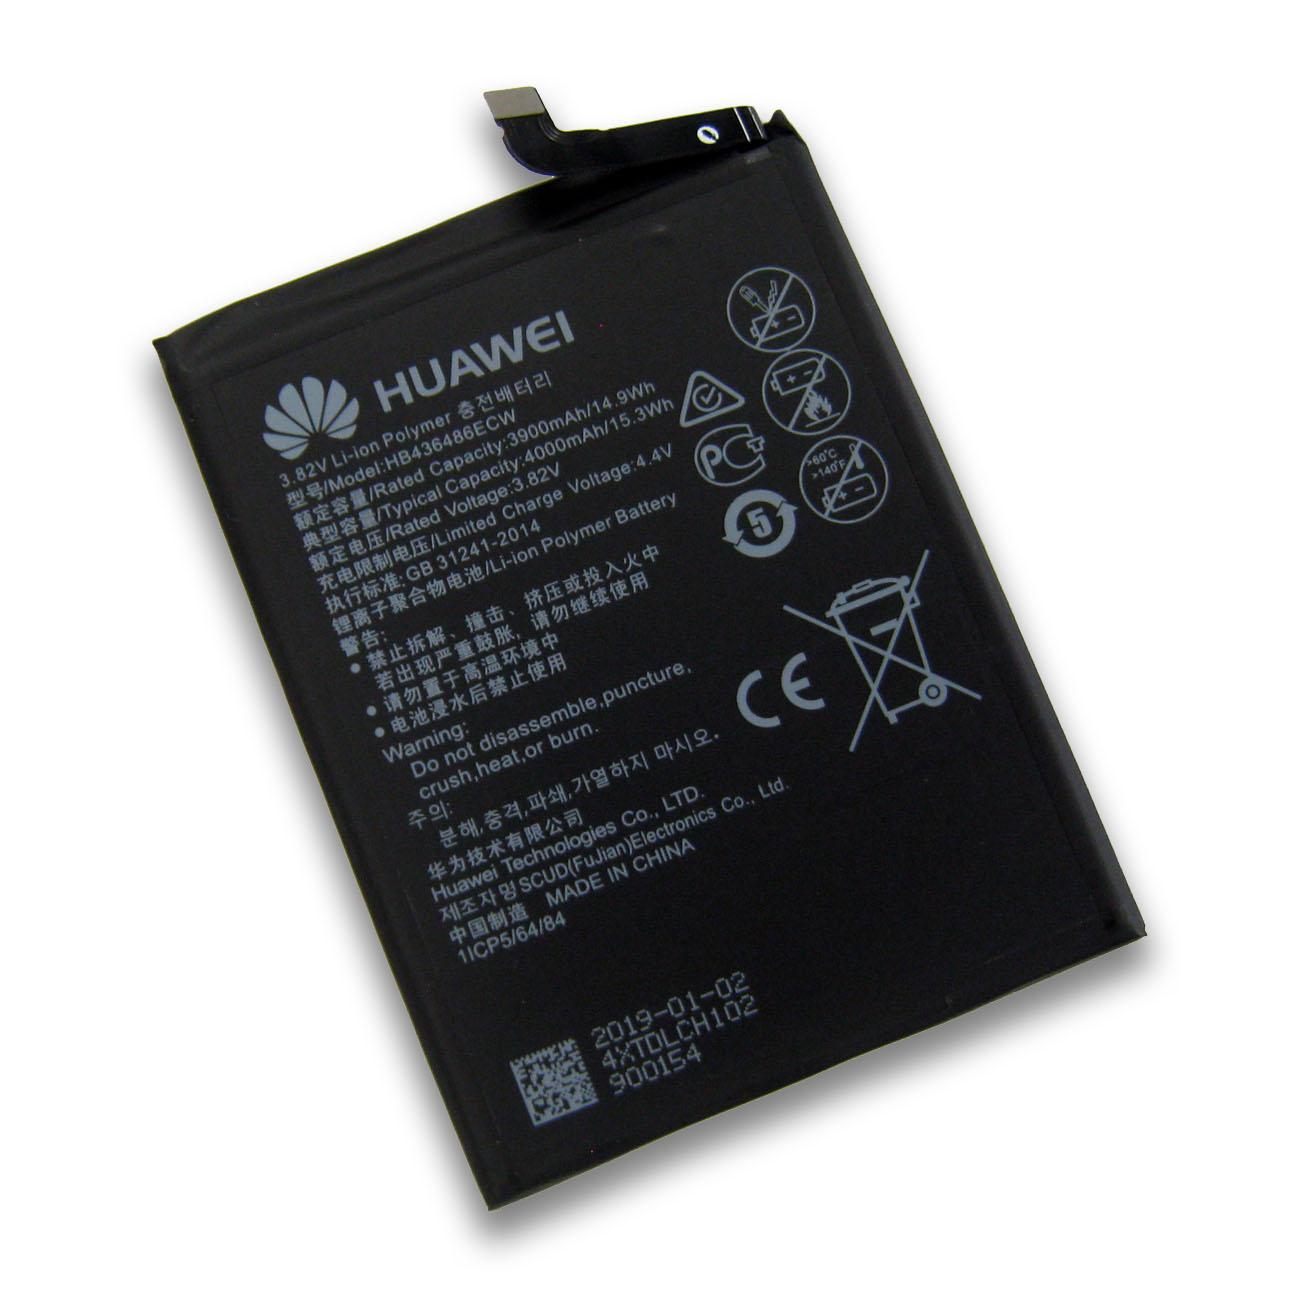 【全国送料無料】HUAWEI ファーウェイ Mate 10 | Mate 10 Pro | P20 Pro スマートフォンバッテリー HB436486ECW